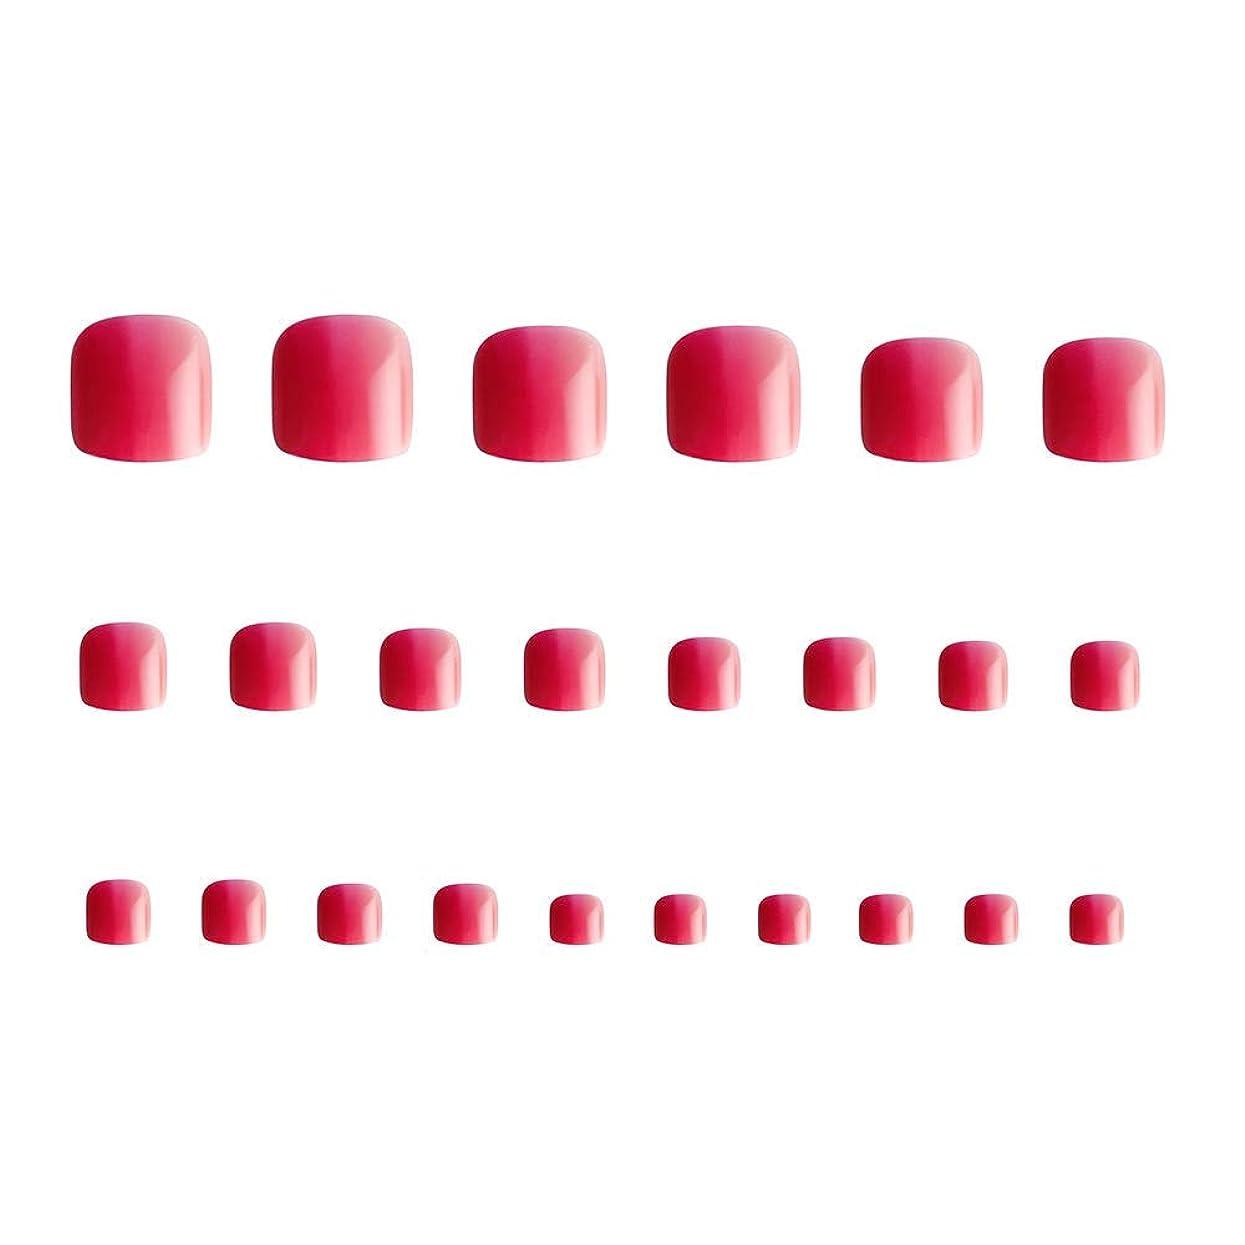 恐れ同時調和のとれた24枚 12別サイズ つや 足の爪 ピンク グラデーション 短い 四角形ネイルチップ フルカバー